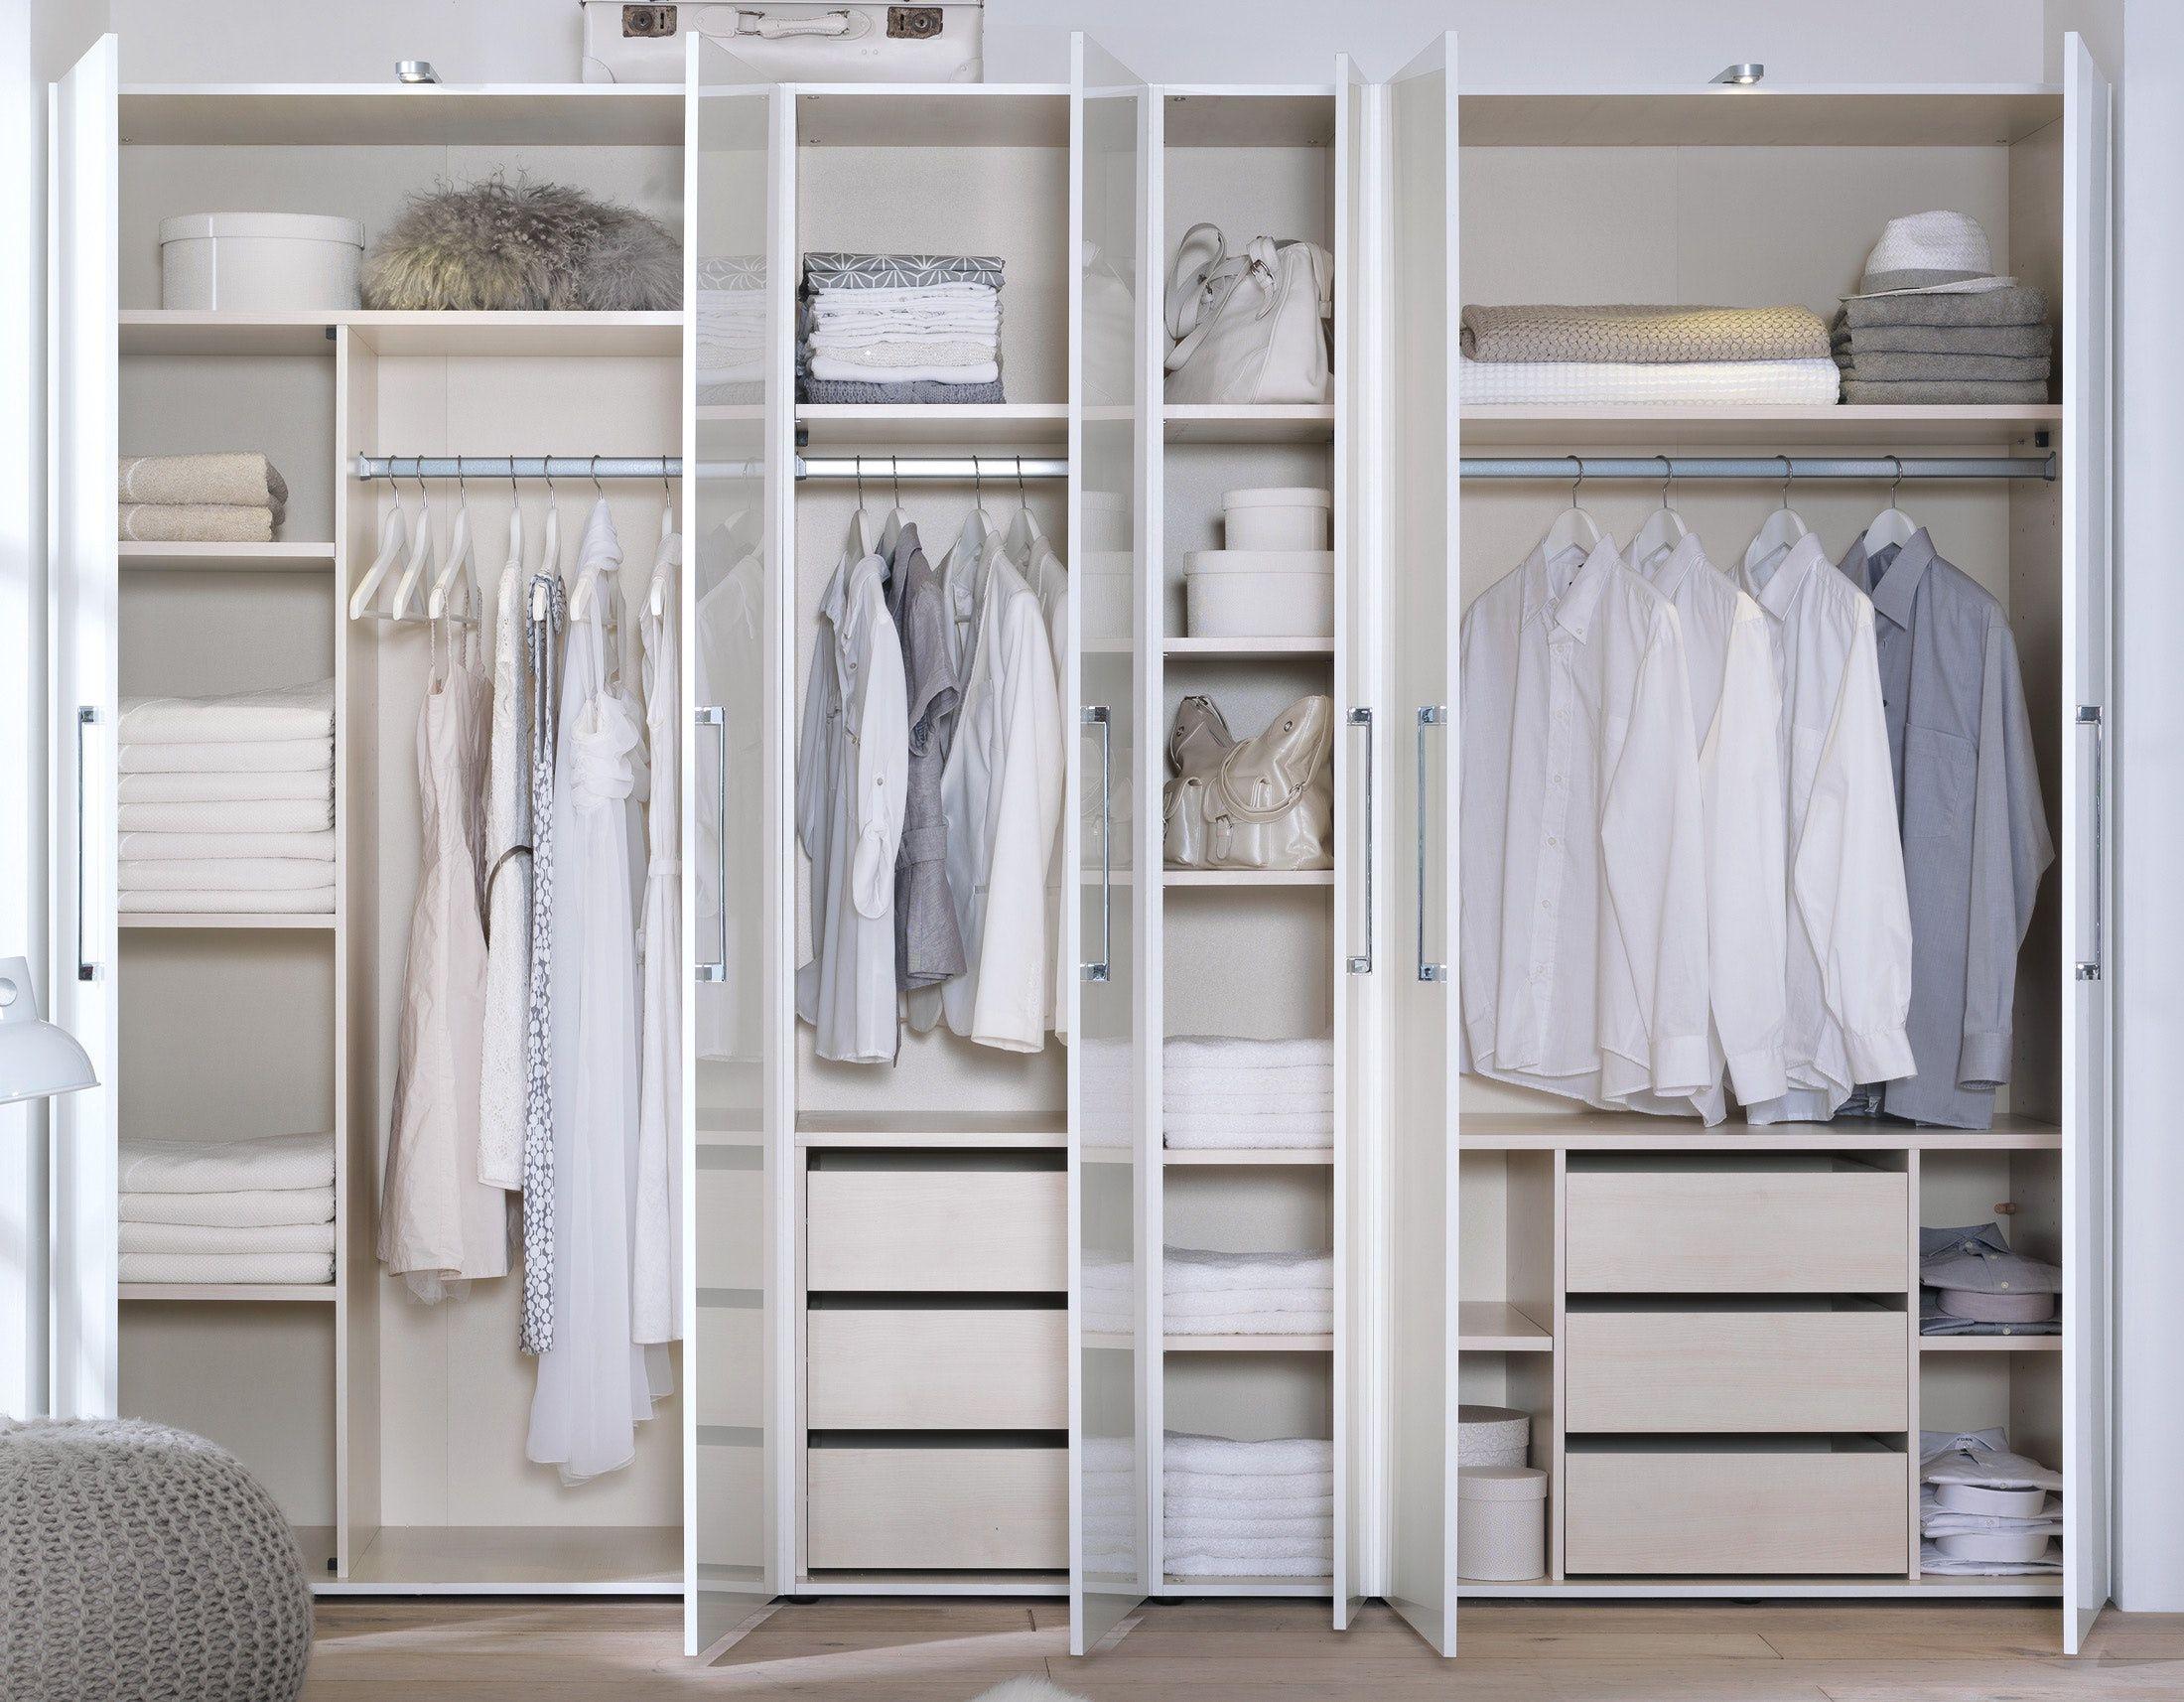 14 Grossartig Sammlung Von Kleiderschrank 45 Cm Tief Check More At